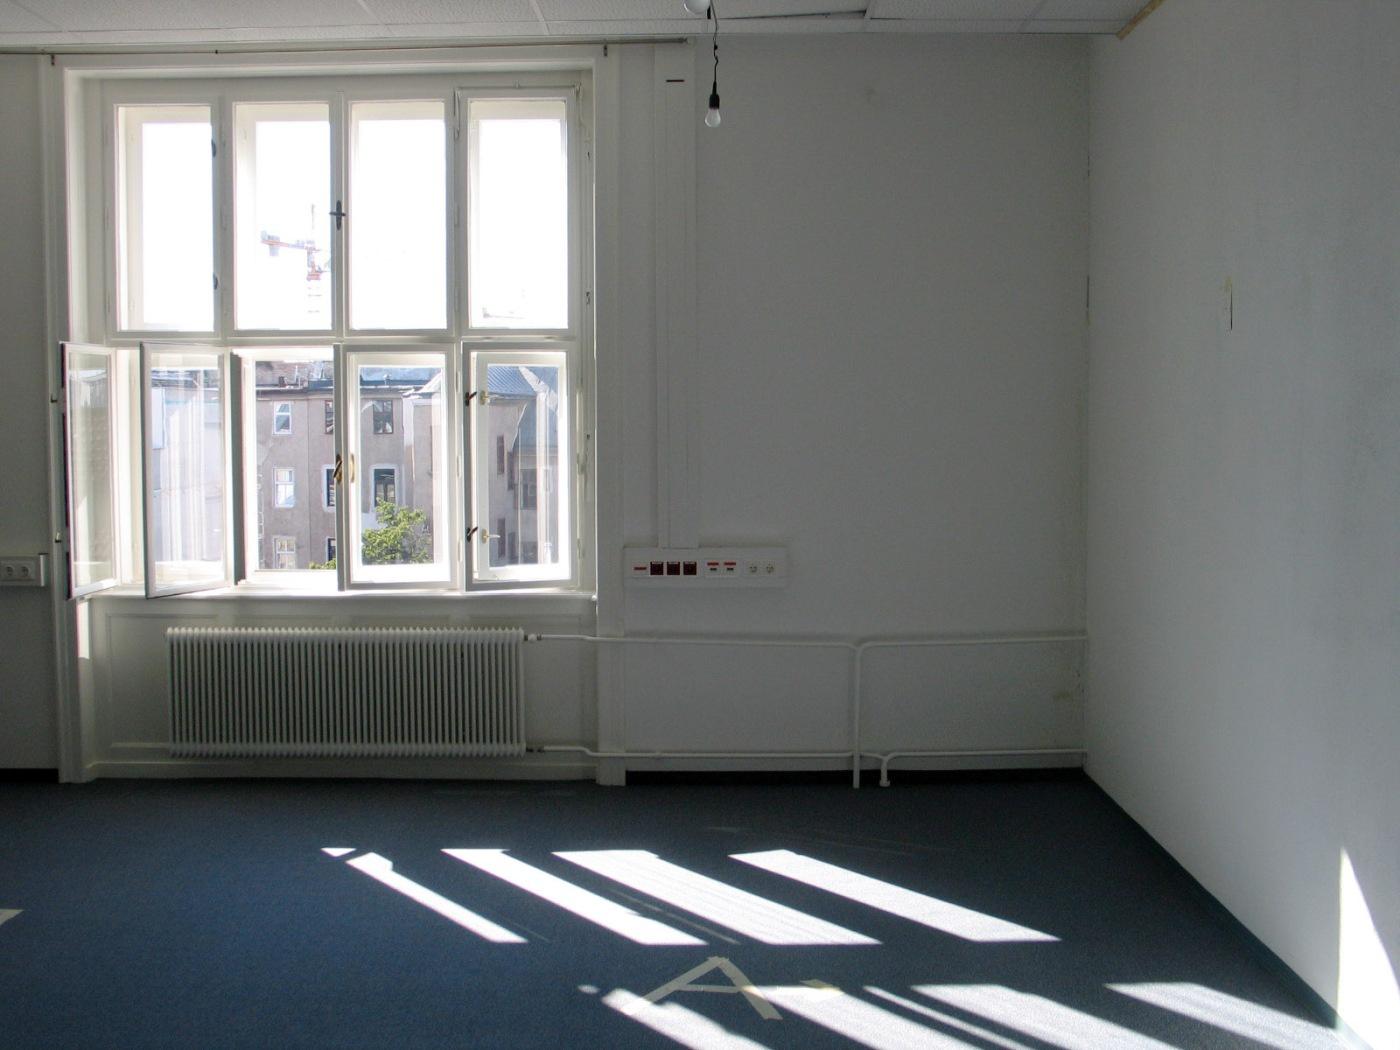 Welche Fenster Sind Zu Empfehlen welche fenster empfehlen sie? - die umweltberatung